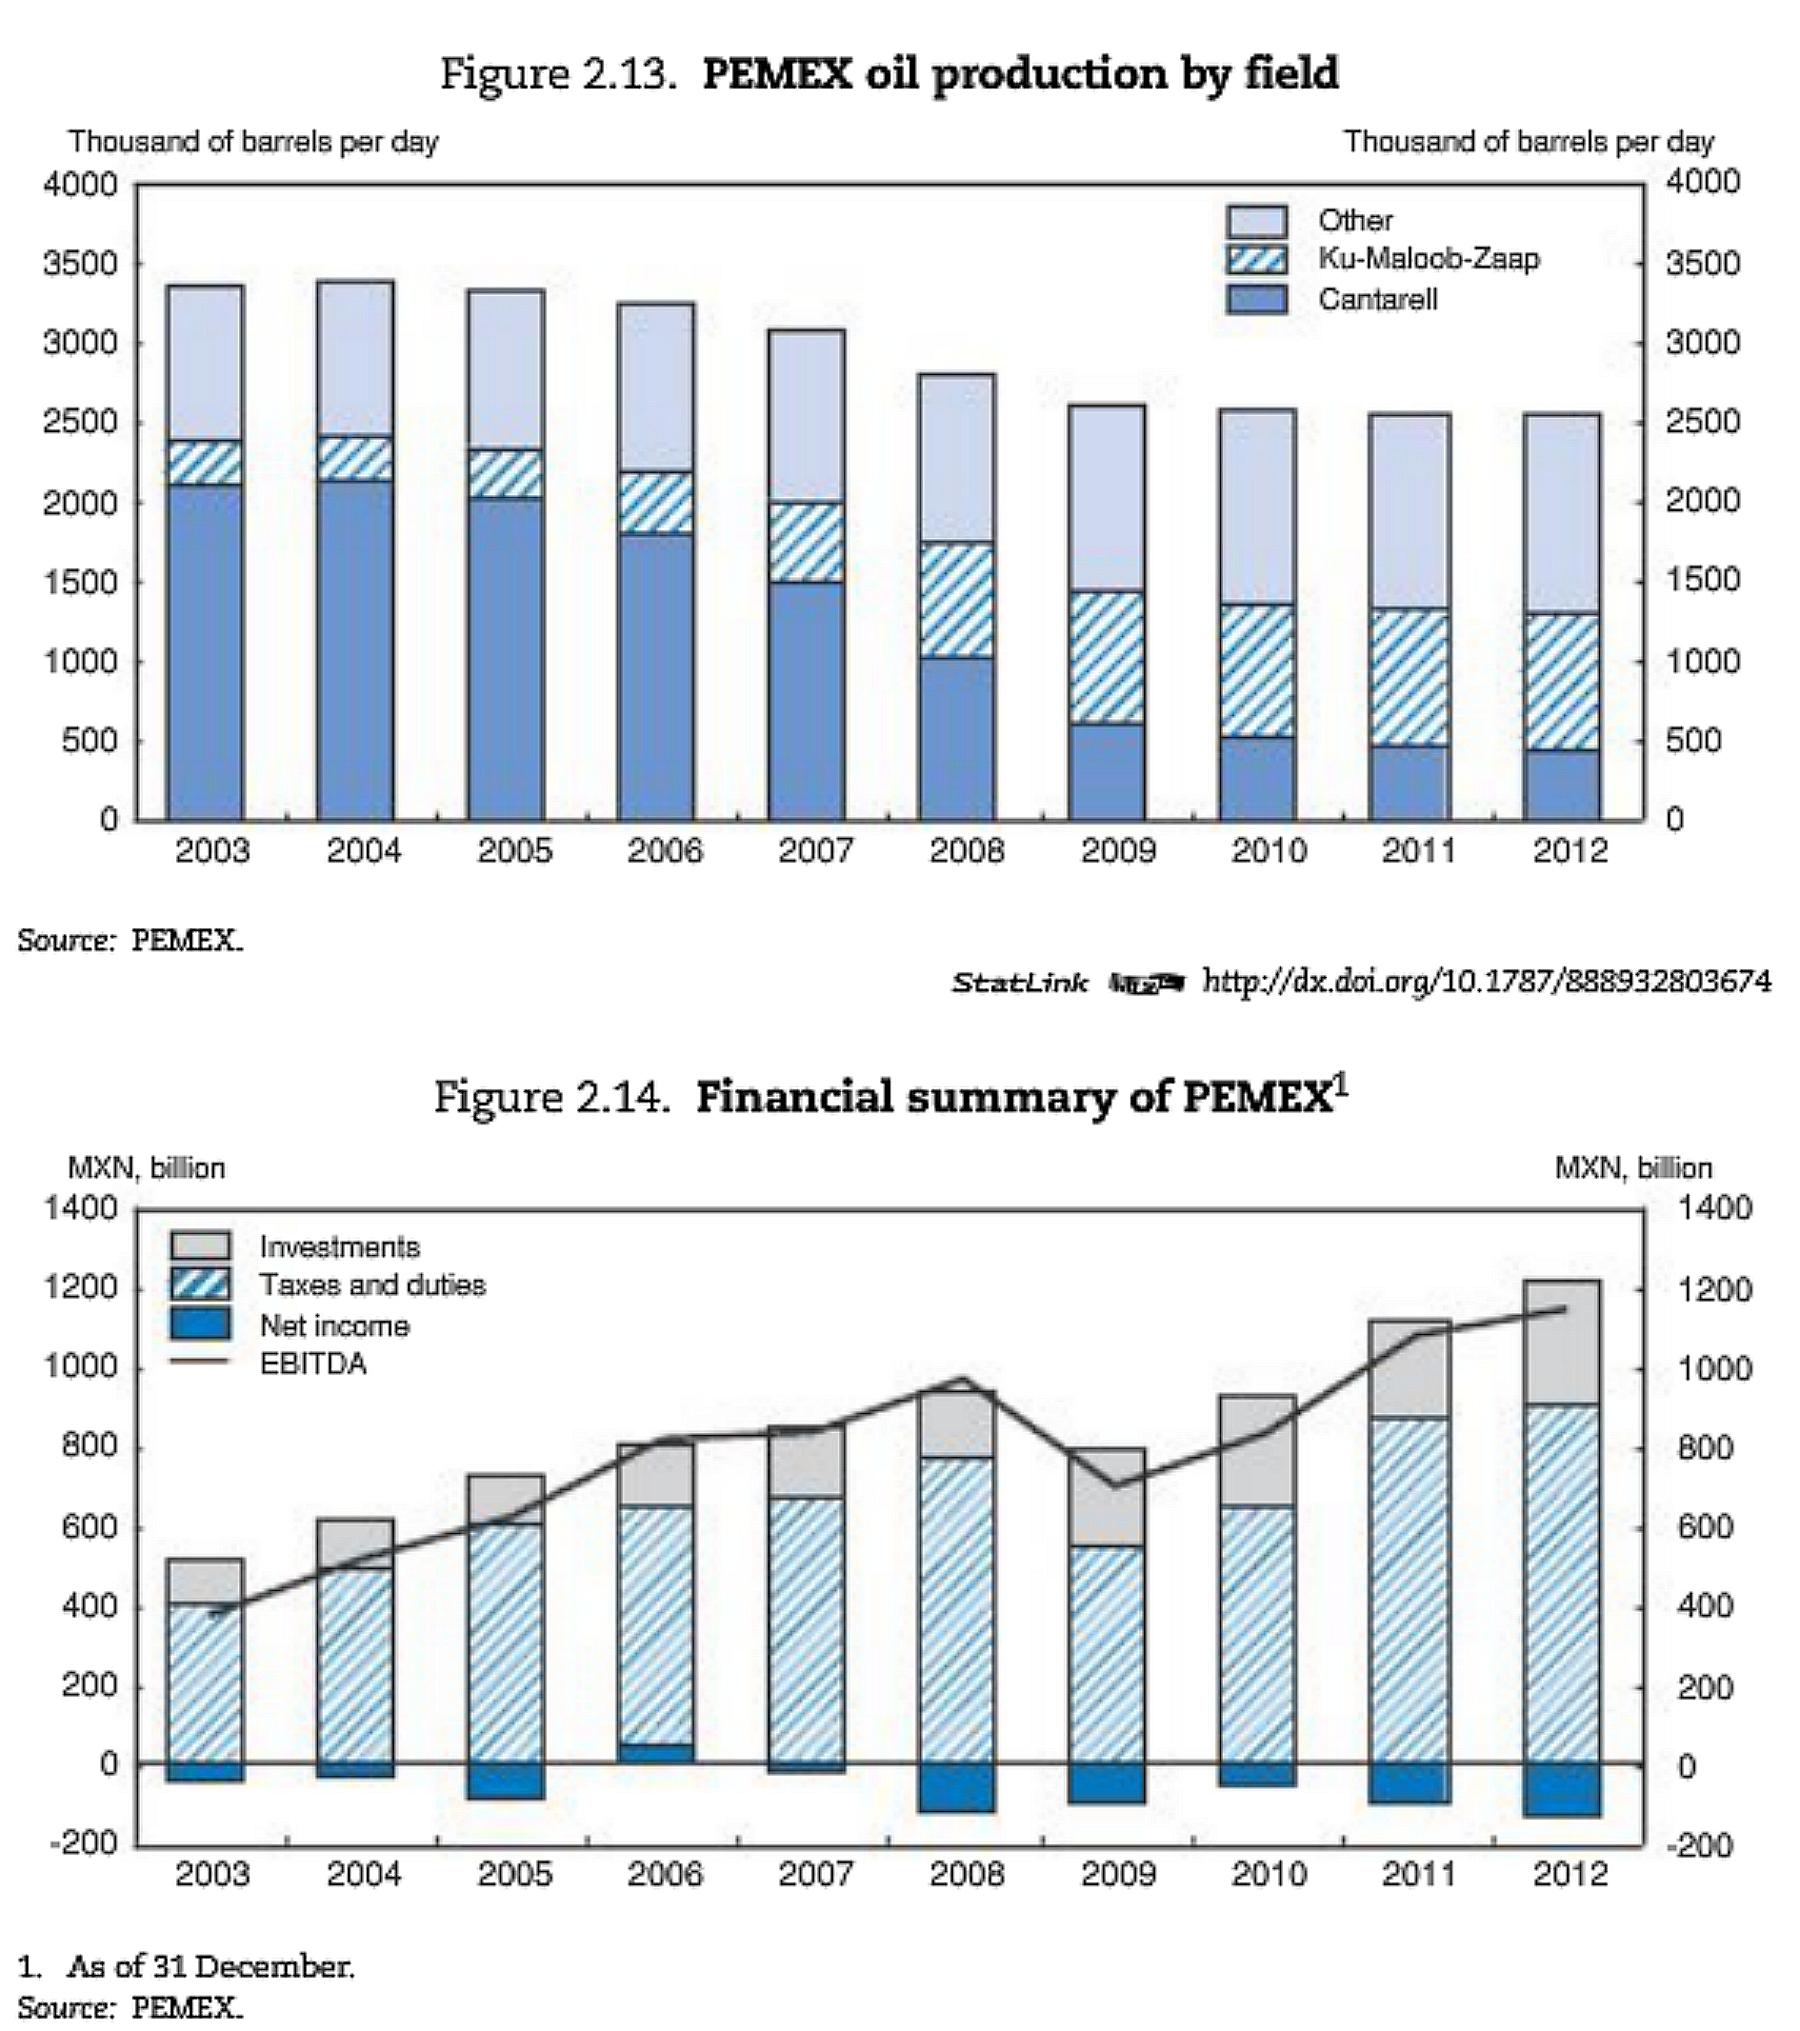 PEMEX oil production